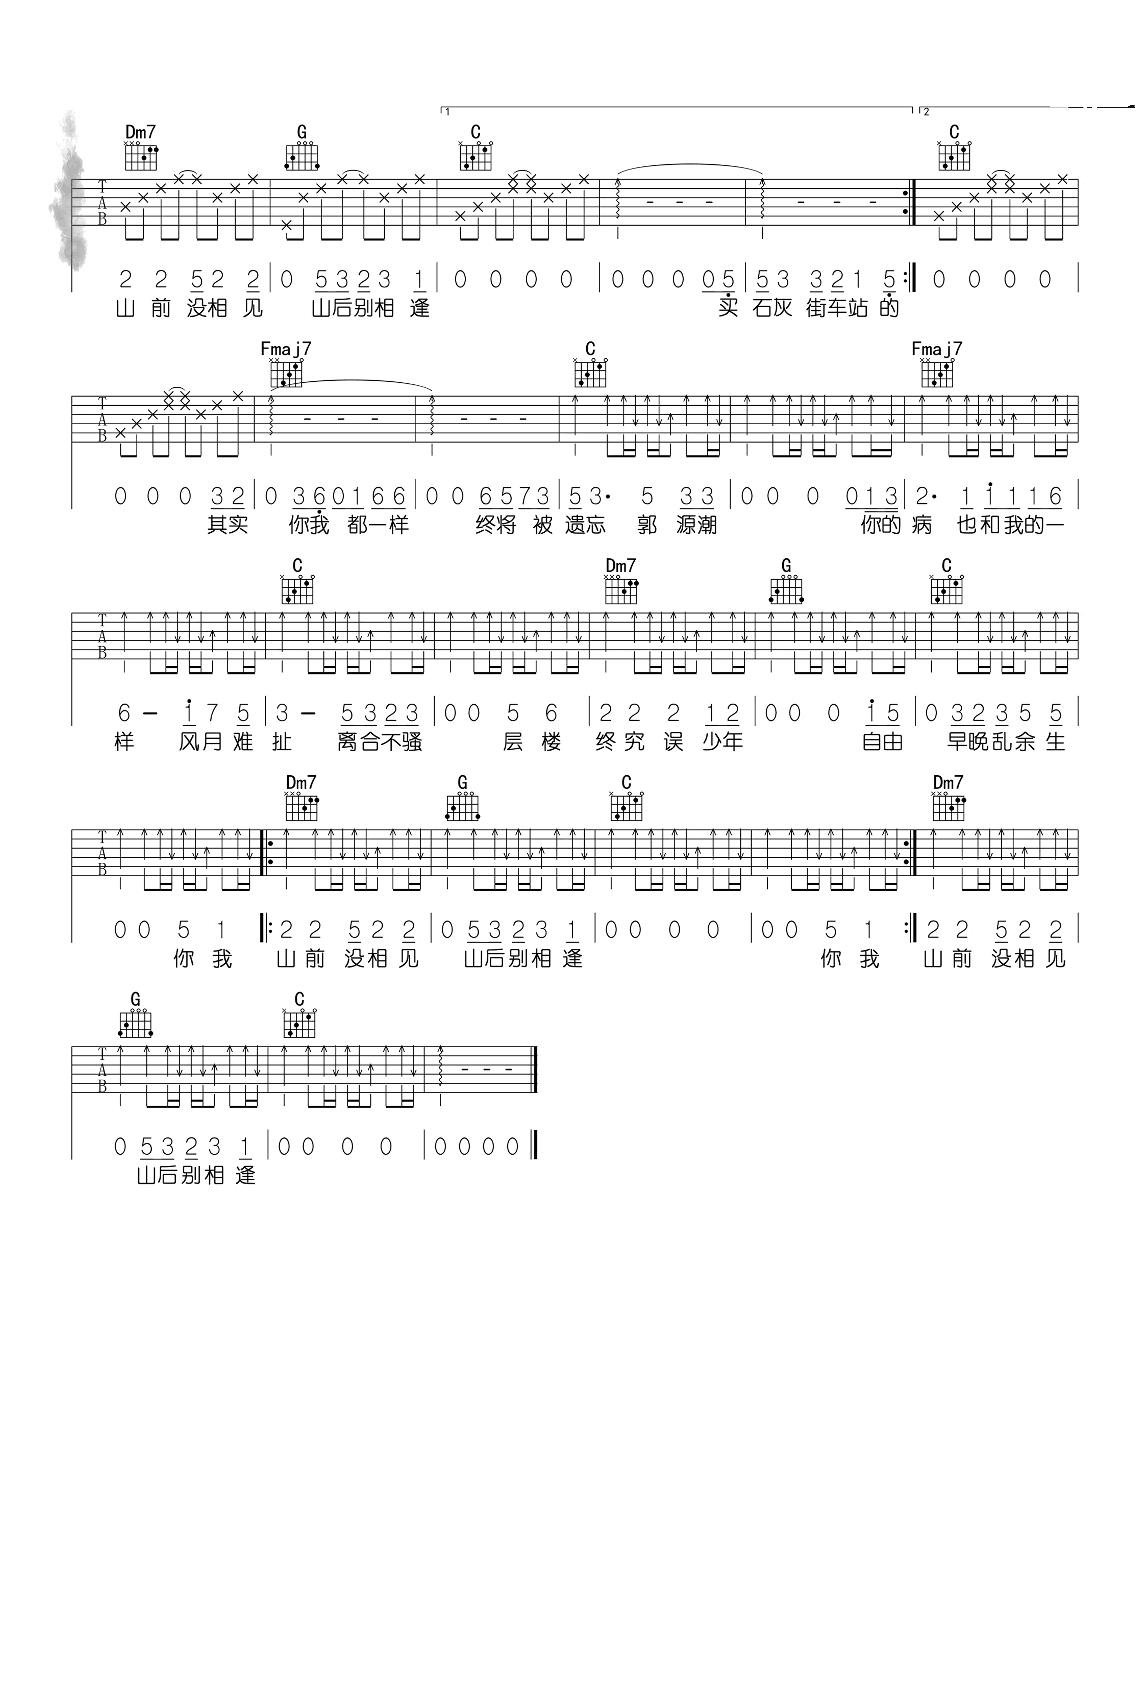 郭源潮吉他谱-宋冬野-C调弹唱谱-2